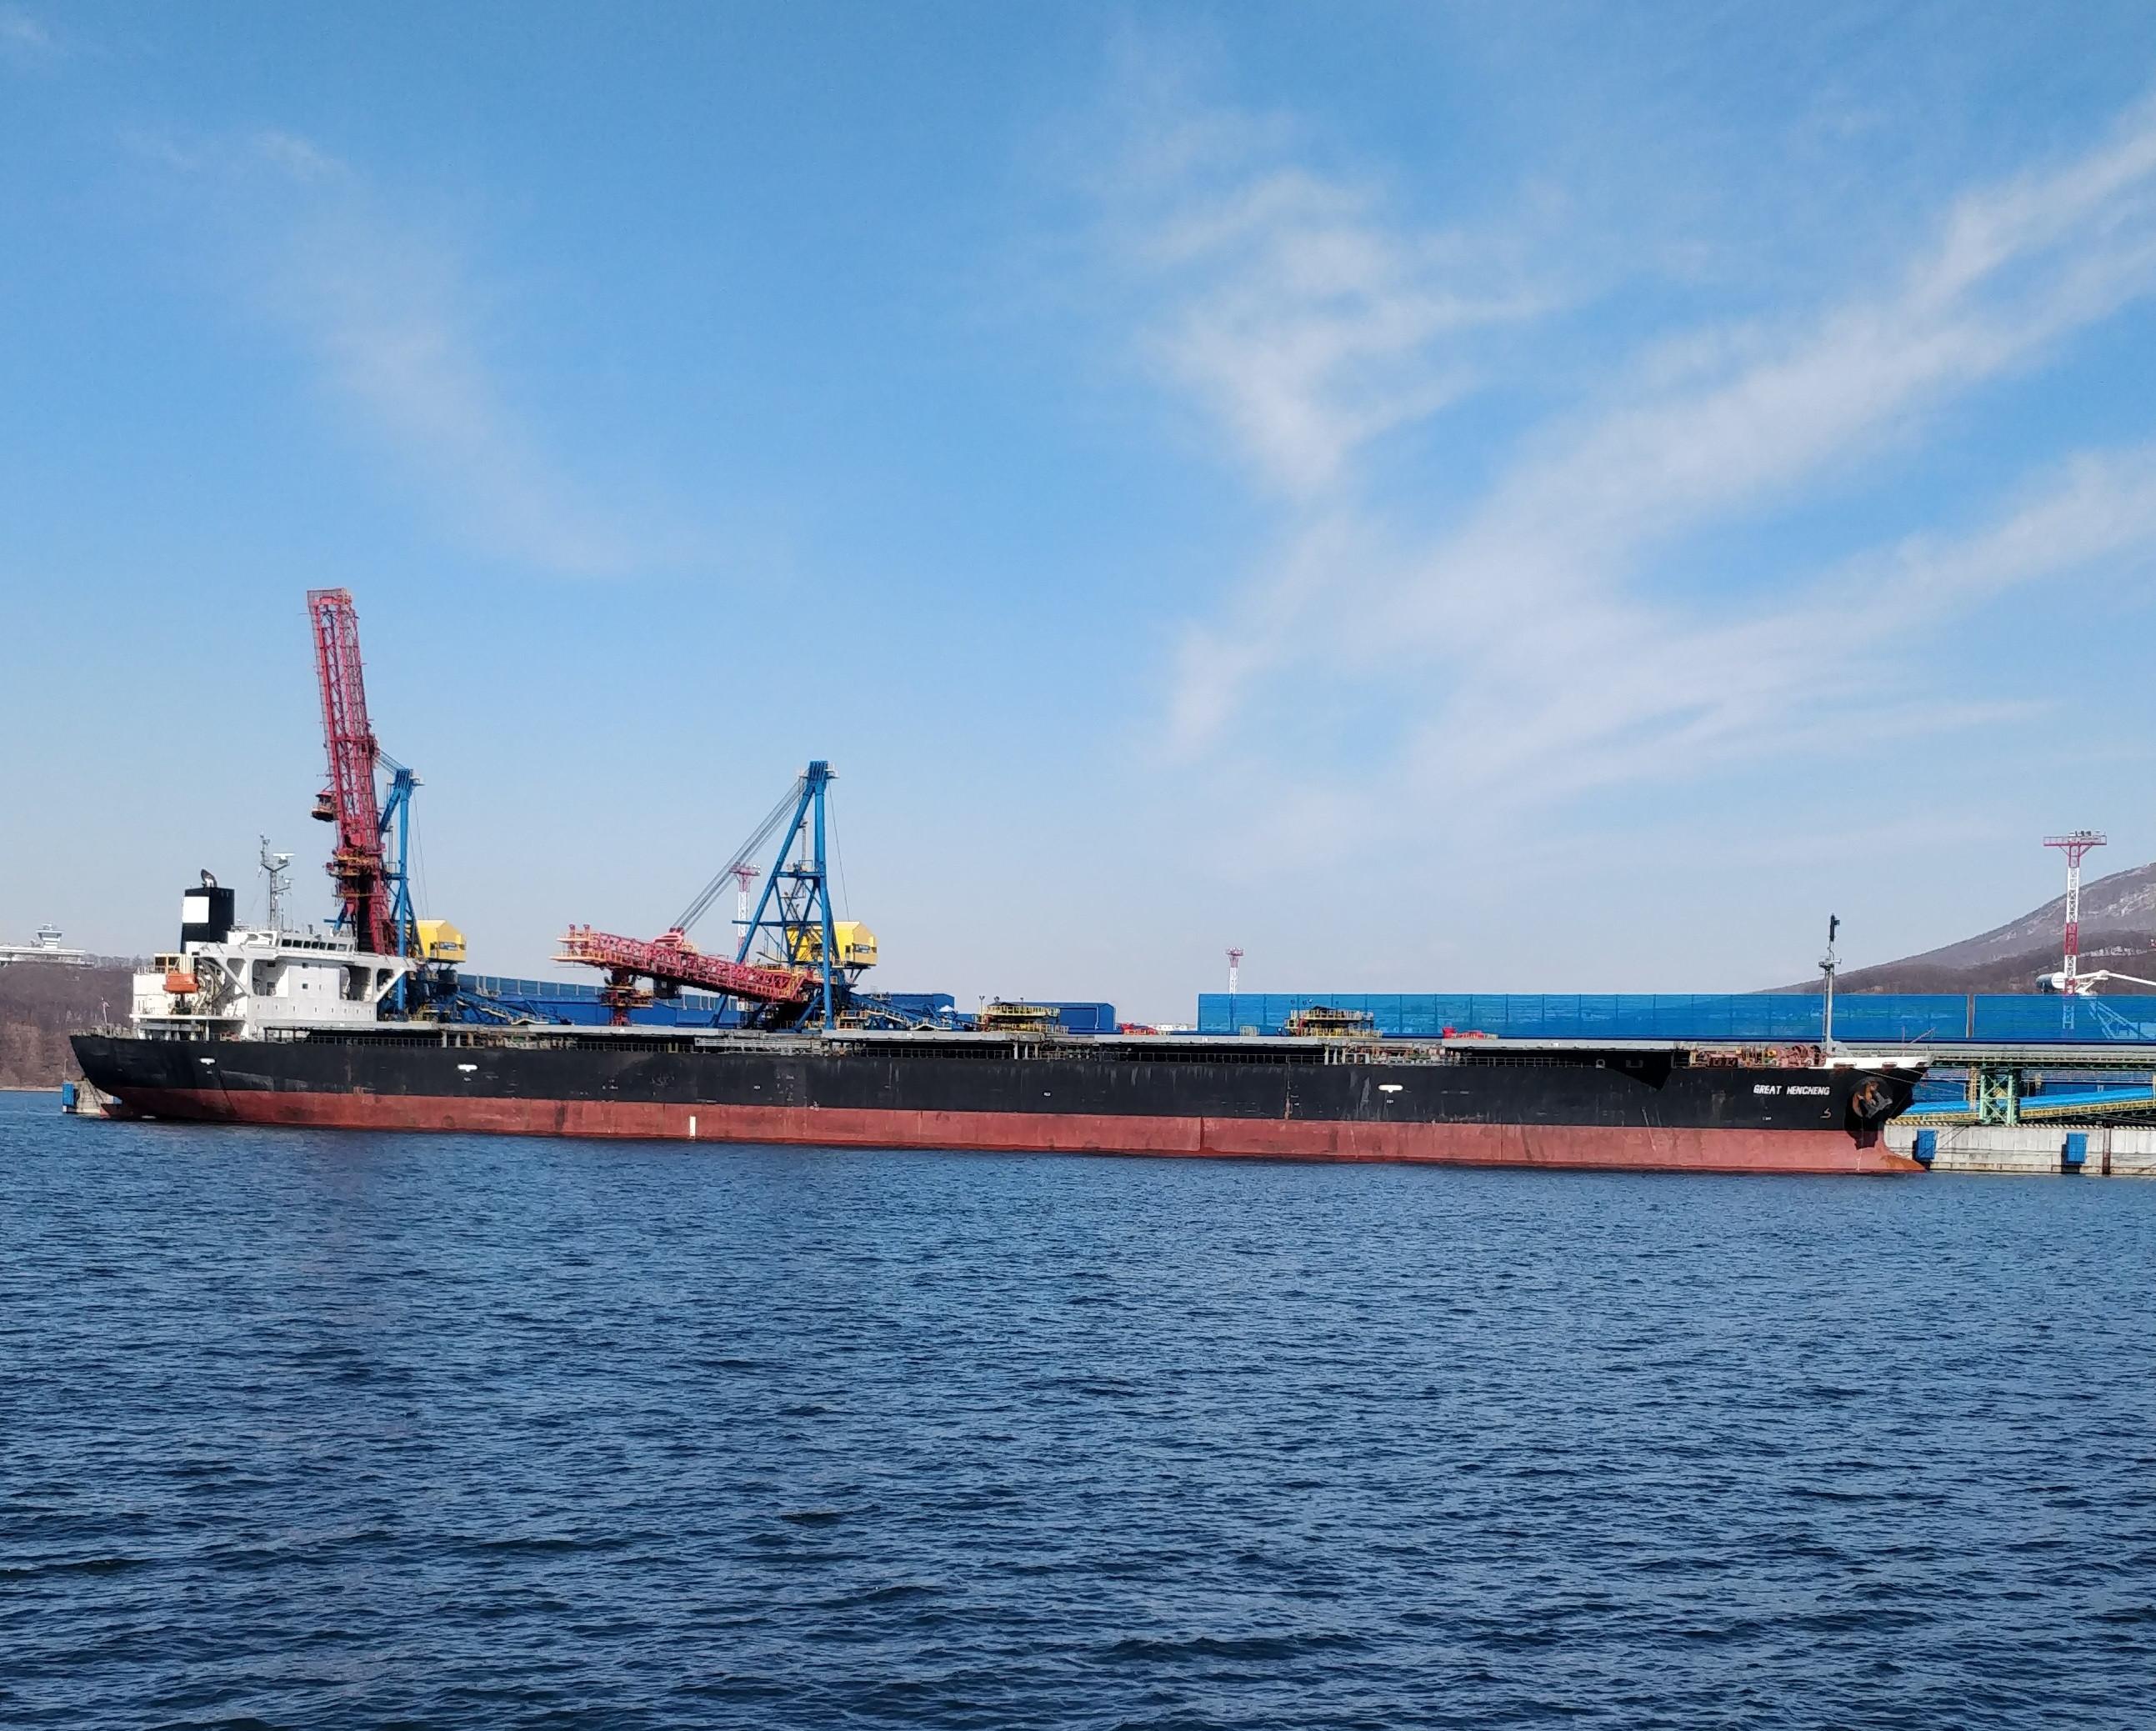 Российскую нефть хотят перевозить патриотично